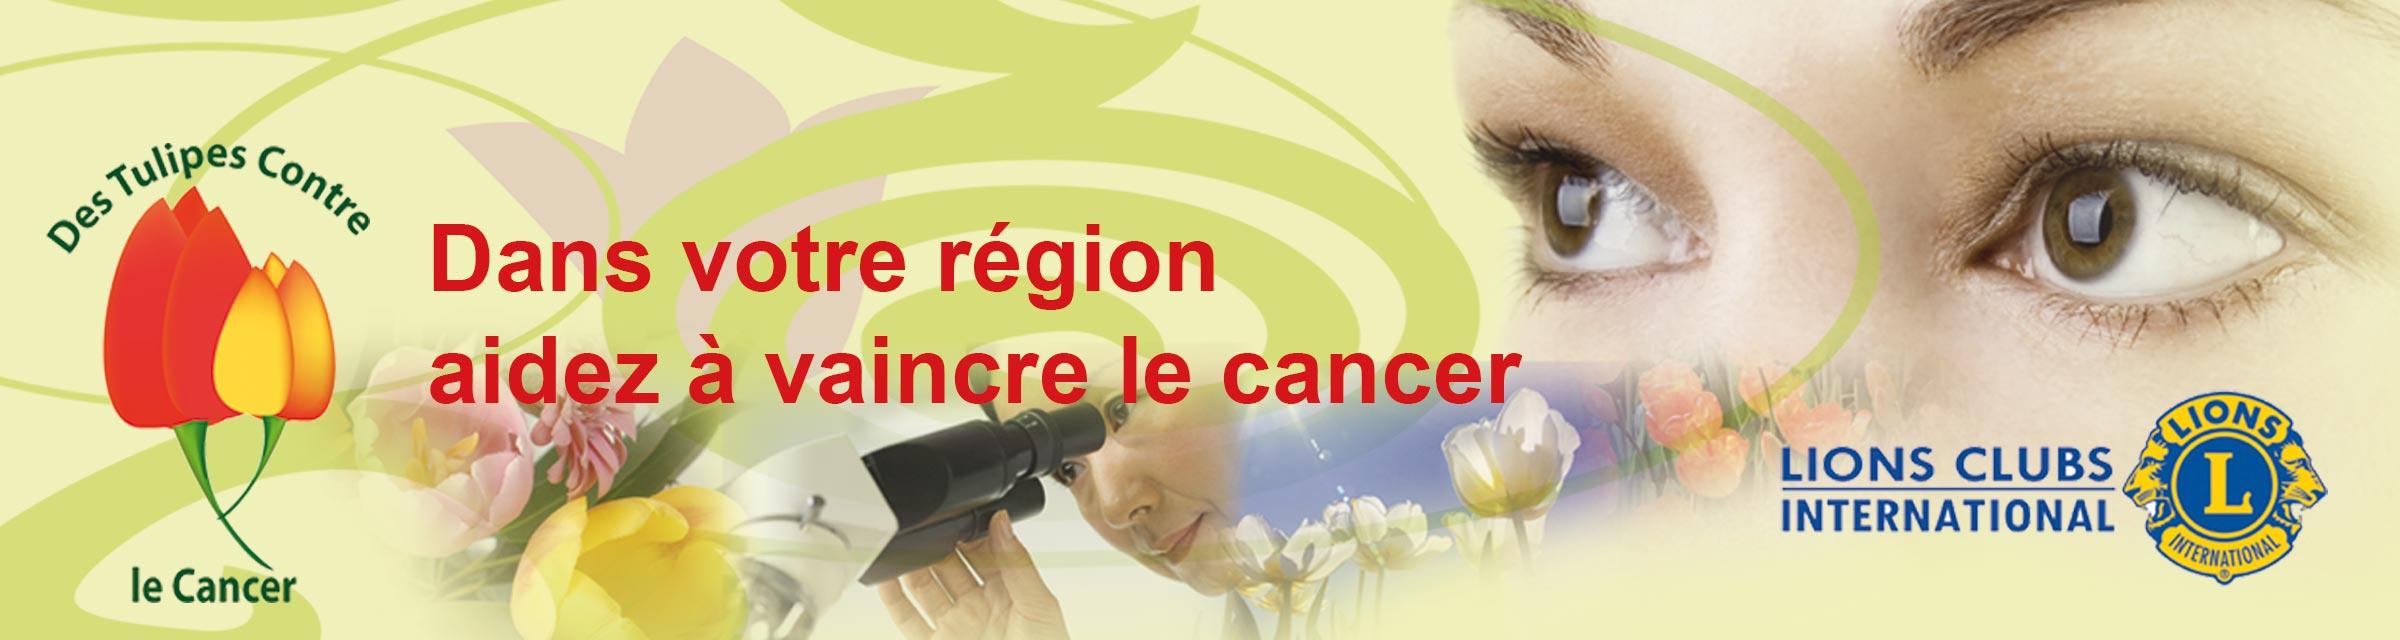 Bannière Tulipes Contre le Cancer - SCIC - Lions Club international